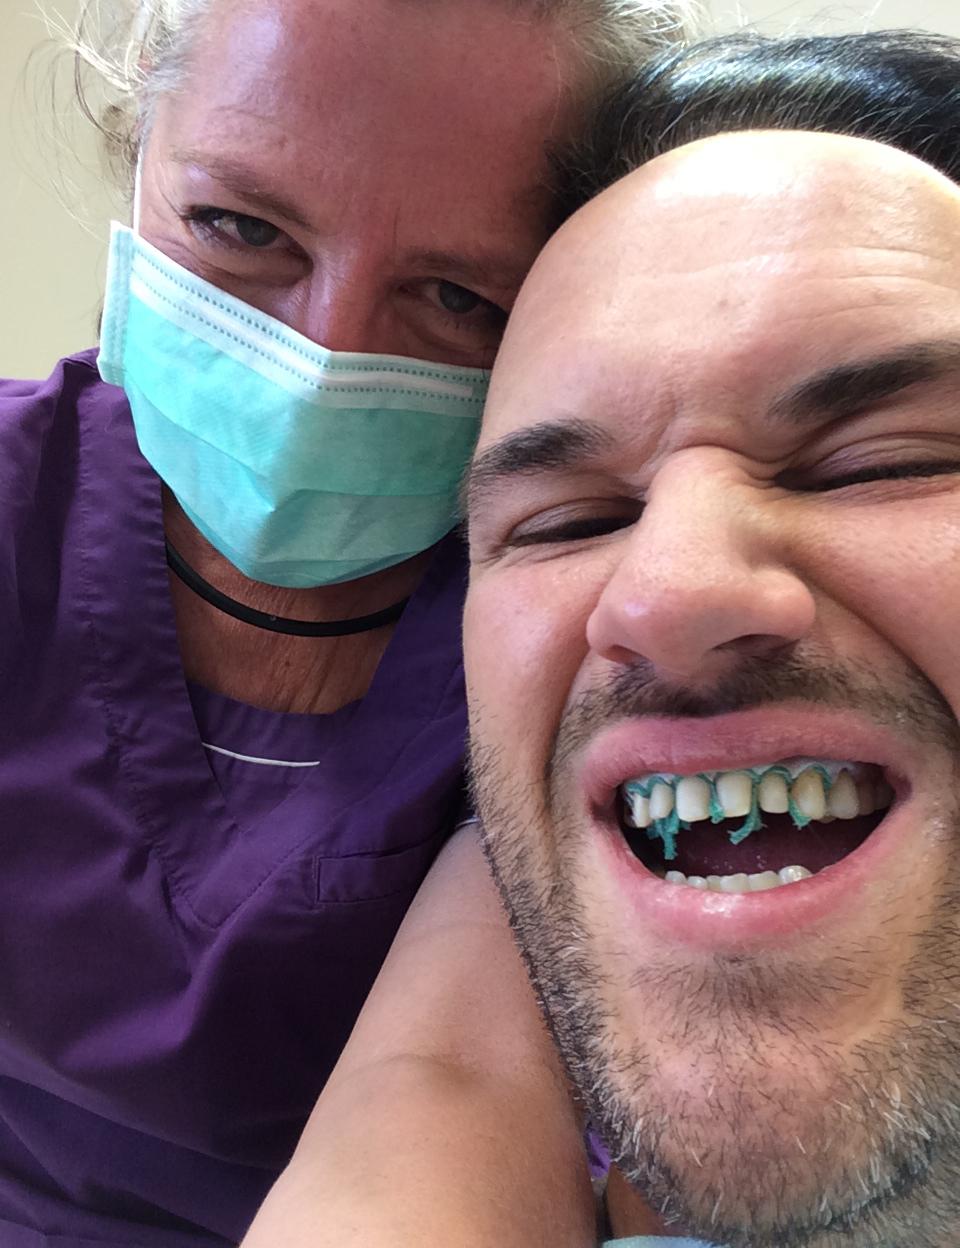 Lösningen blev att slipa ner tänderna från 14 till 23 och höja bettet med hjälp av kronor i överkäken. Runt 21 gjorde jag en gingivectomi med laserunderstöd för att det skulle bli en snygg och jämn gingivallinje.